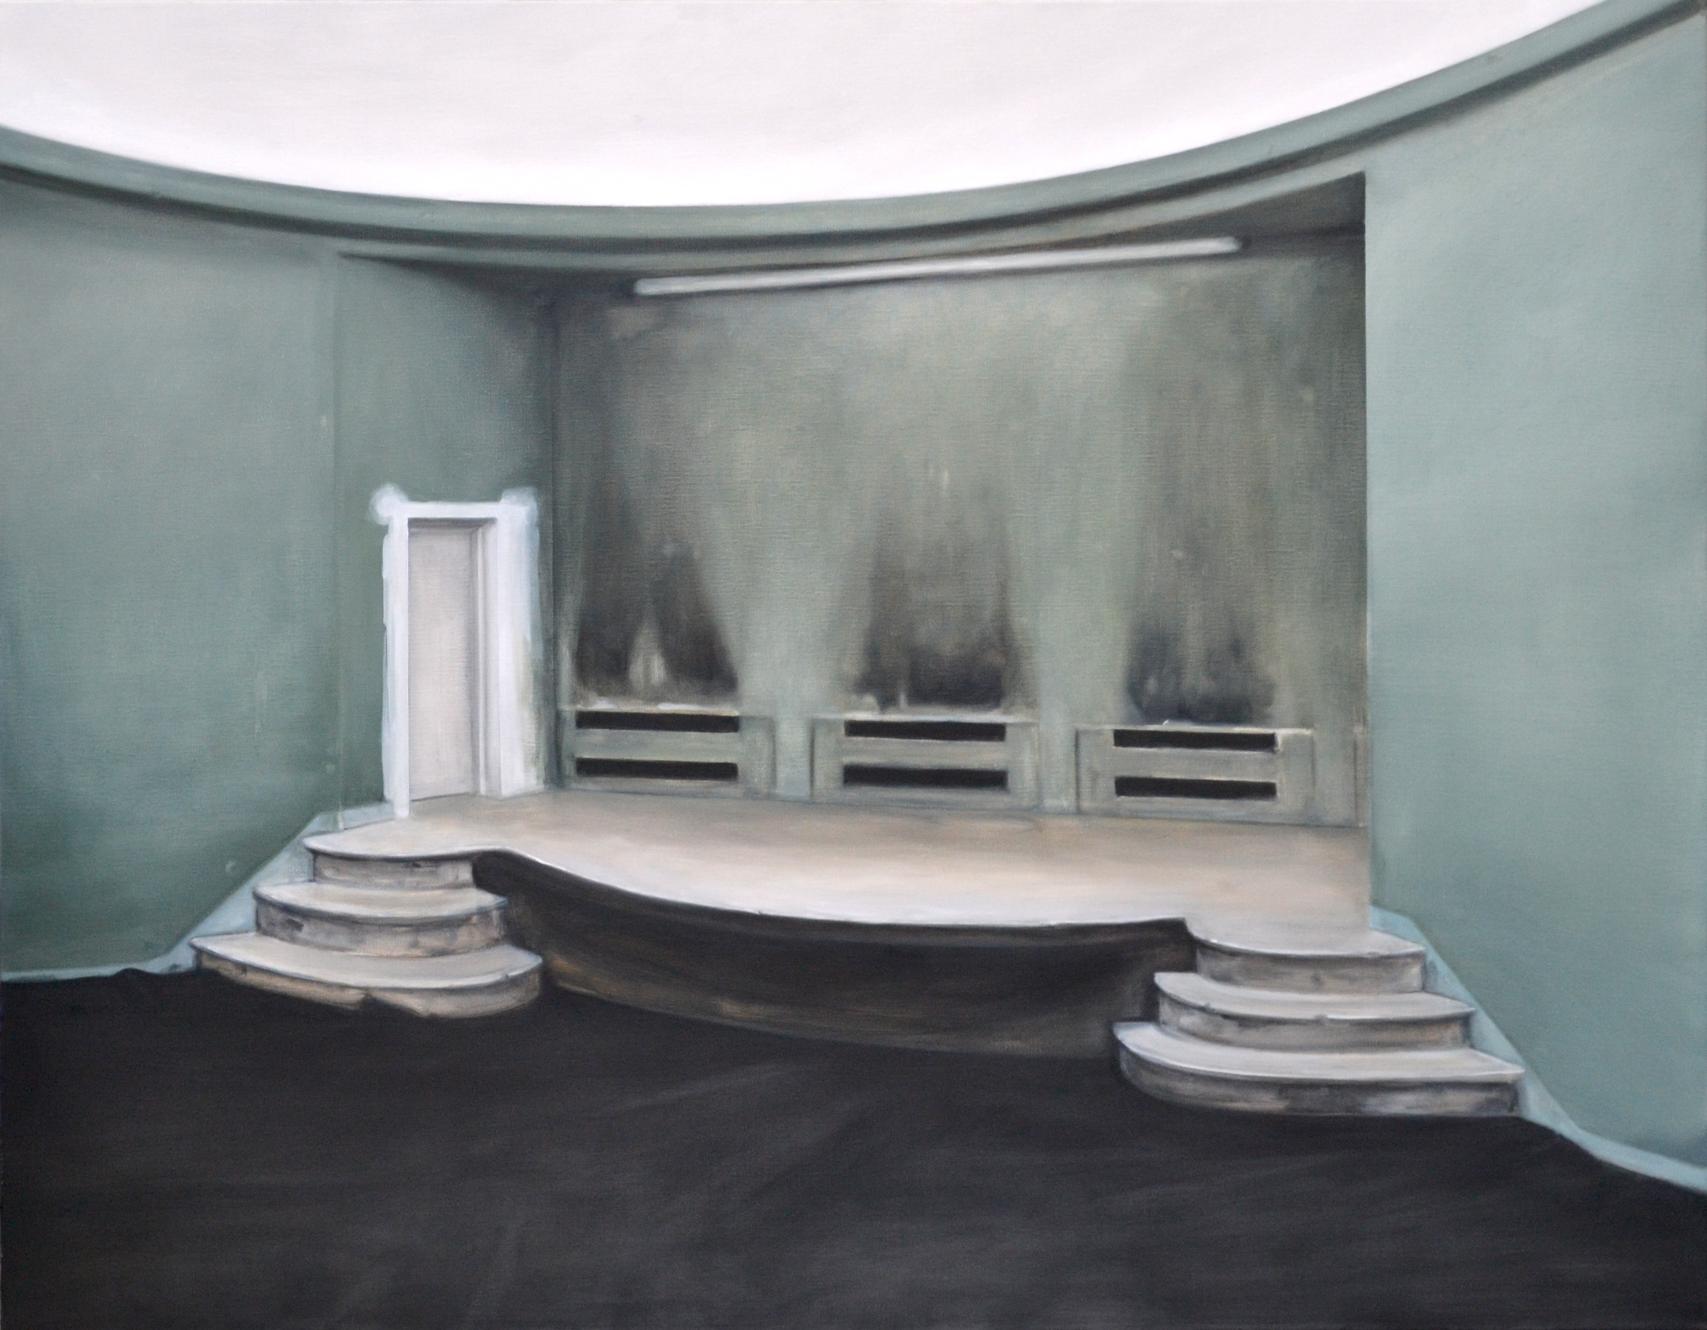 Salle 37, 2014, 114 x 146 cm, huile sur toile